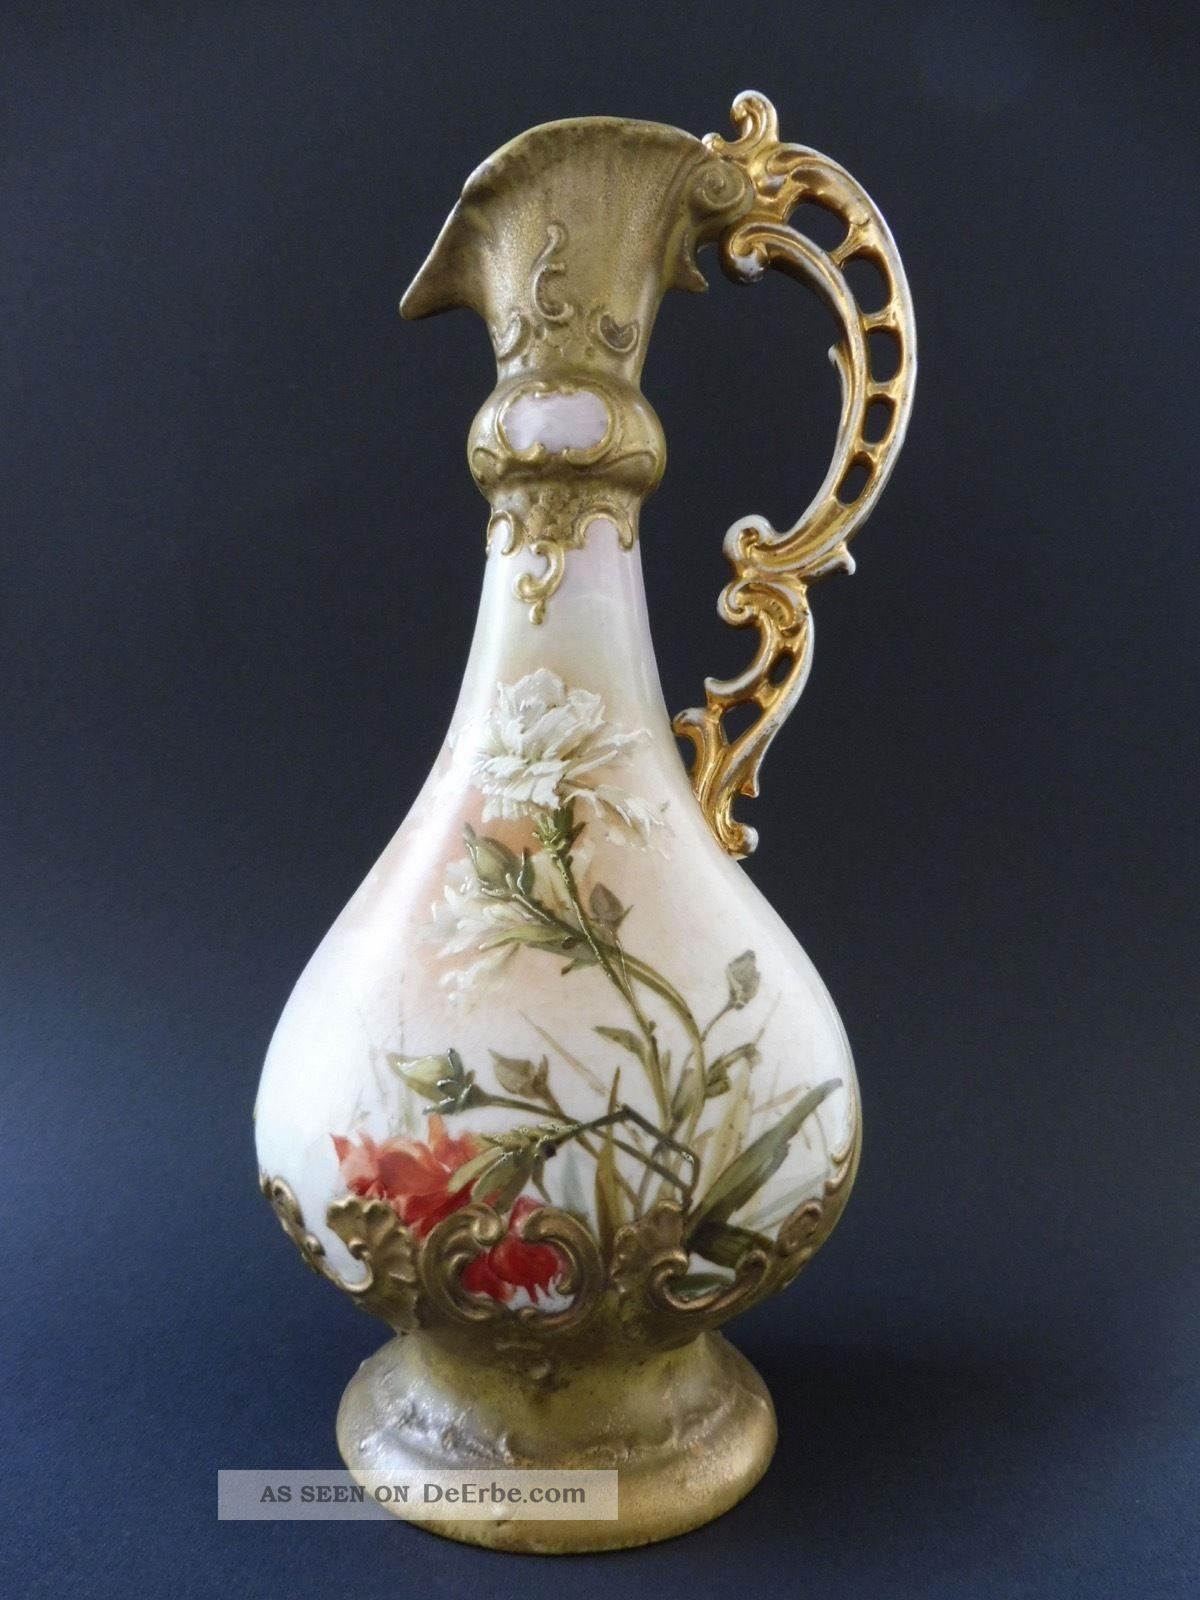 Jugendstil Karaffe Vase Floral Keramik At Nouveau Jug Malerei Wahliss Amphora ? 1890-1919, Jugendstil Bild